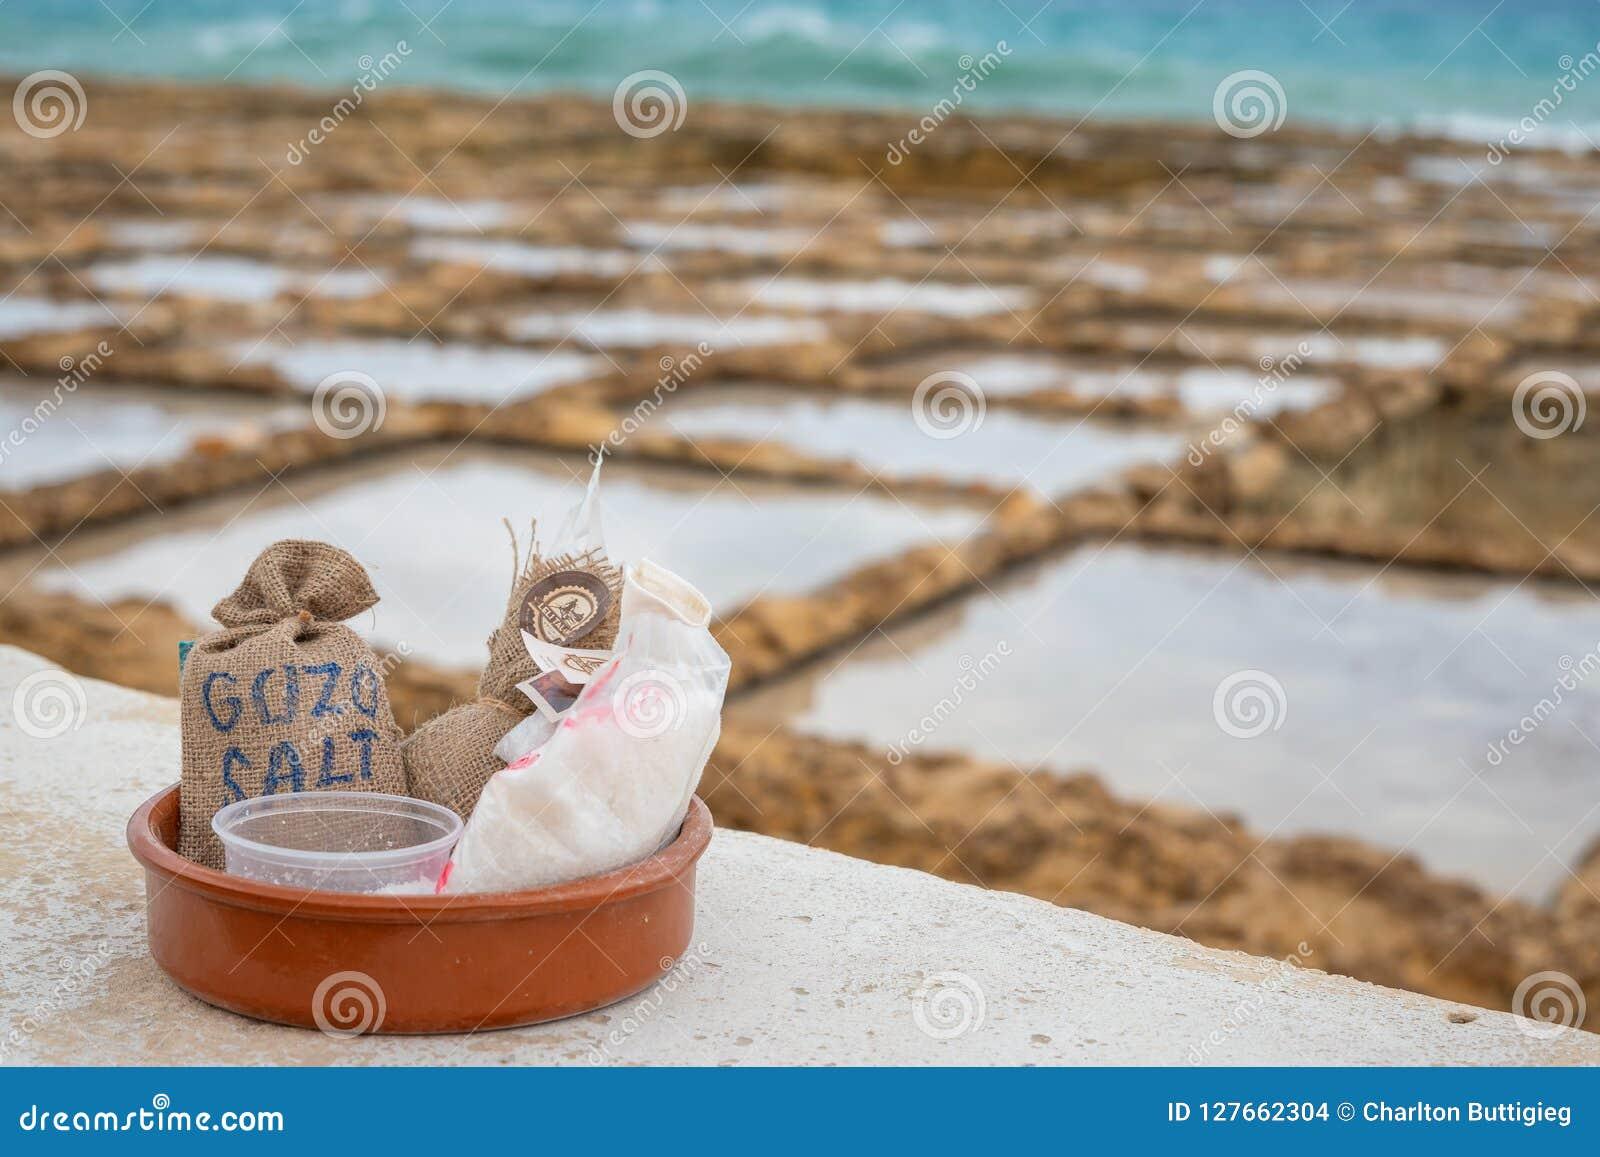 La sal de las salinas empaqueta listo para la venta en Marsalforn Gozo